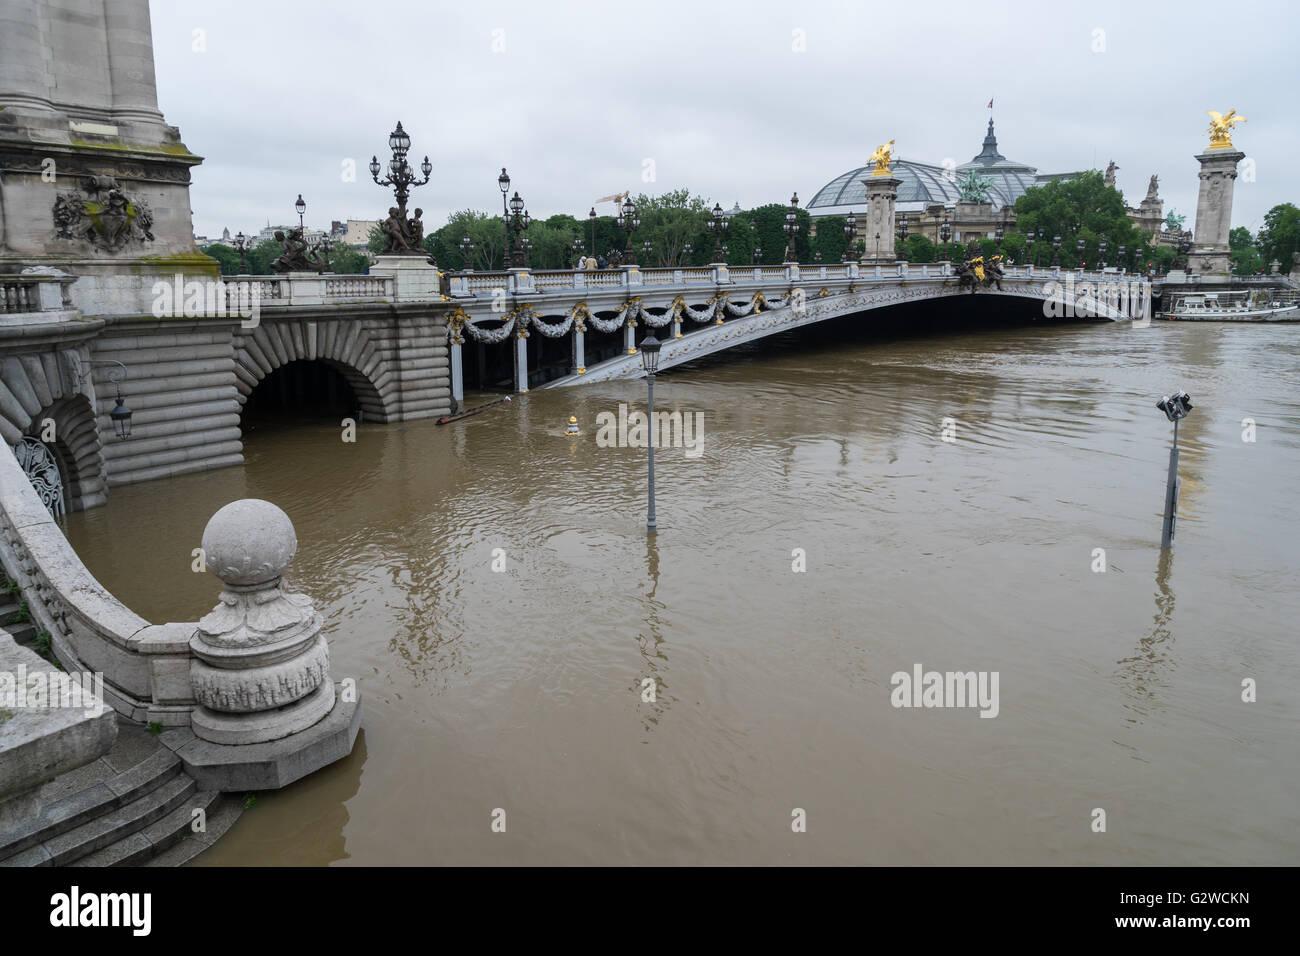 Seine Hochwasser Juni 2016 in Paris, Frankreich Stockfoto